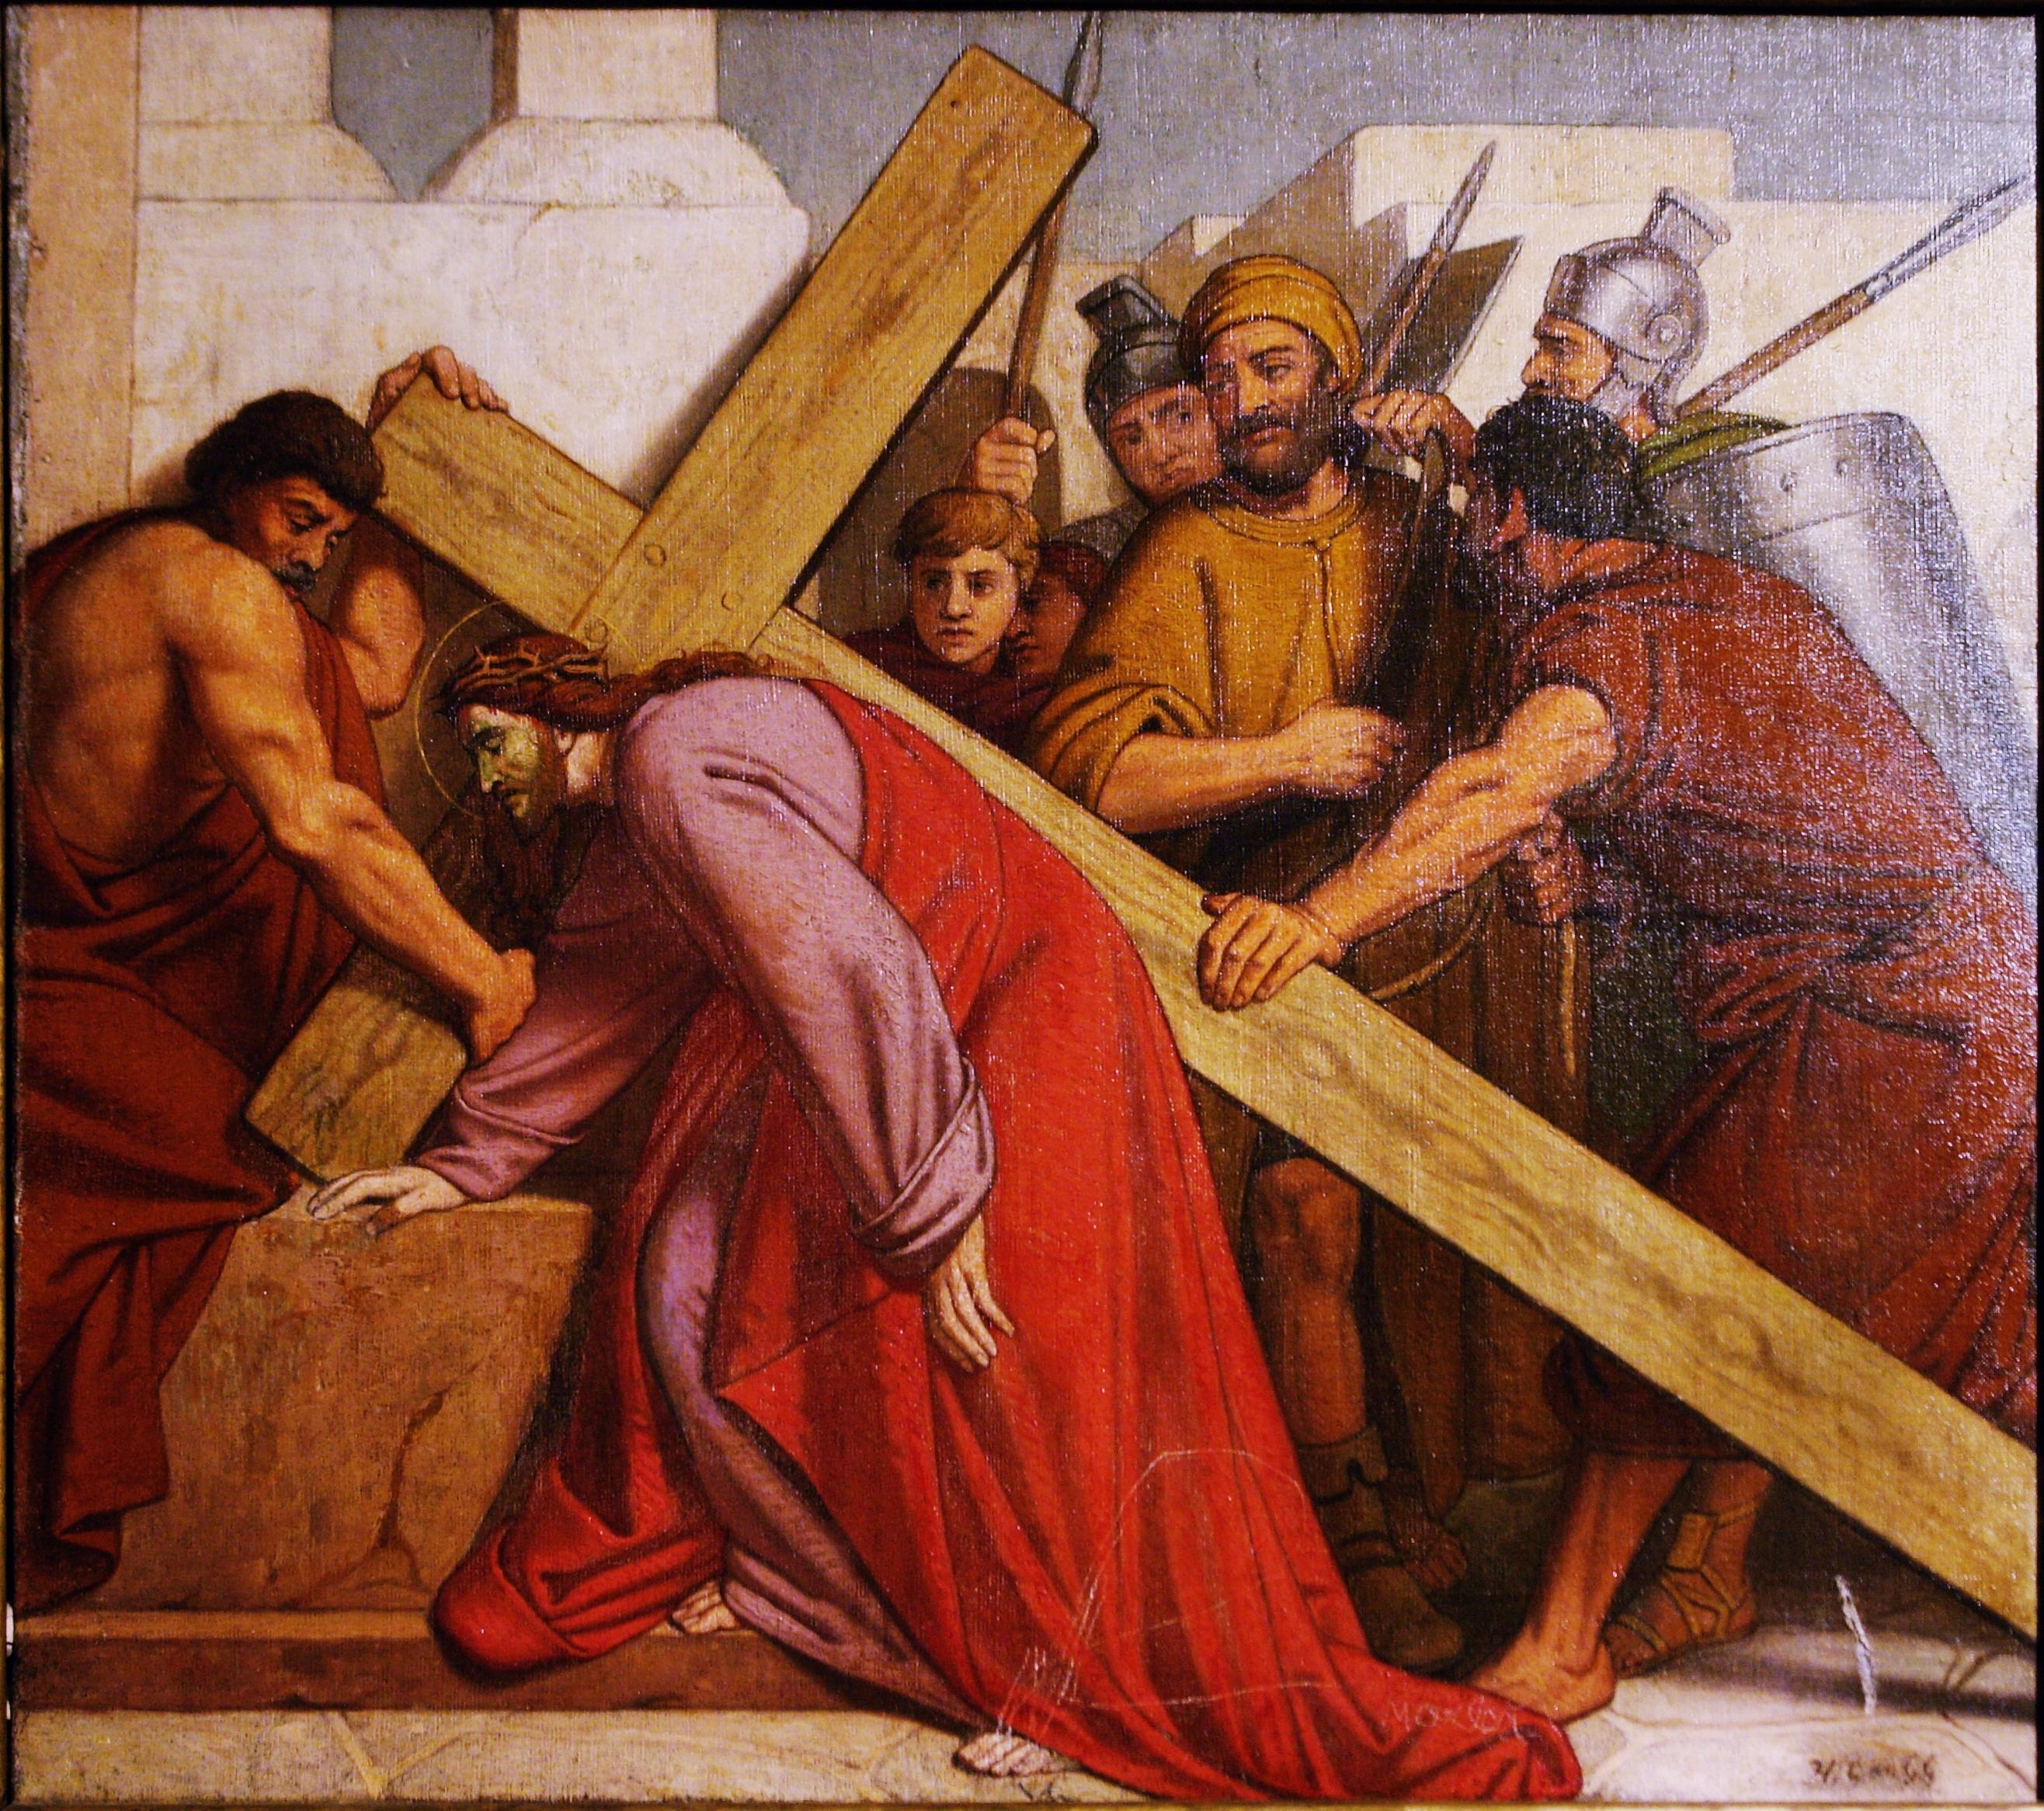 https://shamelesspopery.com/media/2012/03/Stations_of_the_Cross-_3-_Saint-Jean-Baptiste_au_Beguinage-_Brussels.jpg